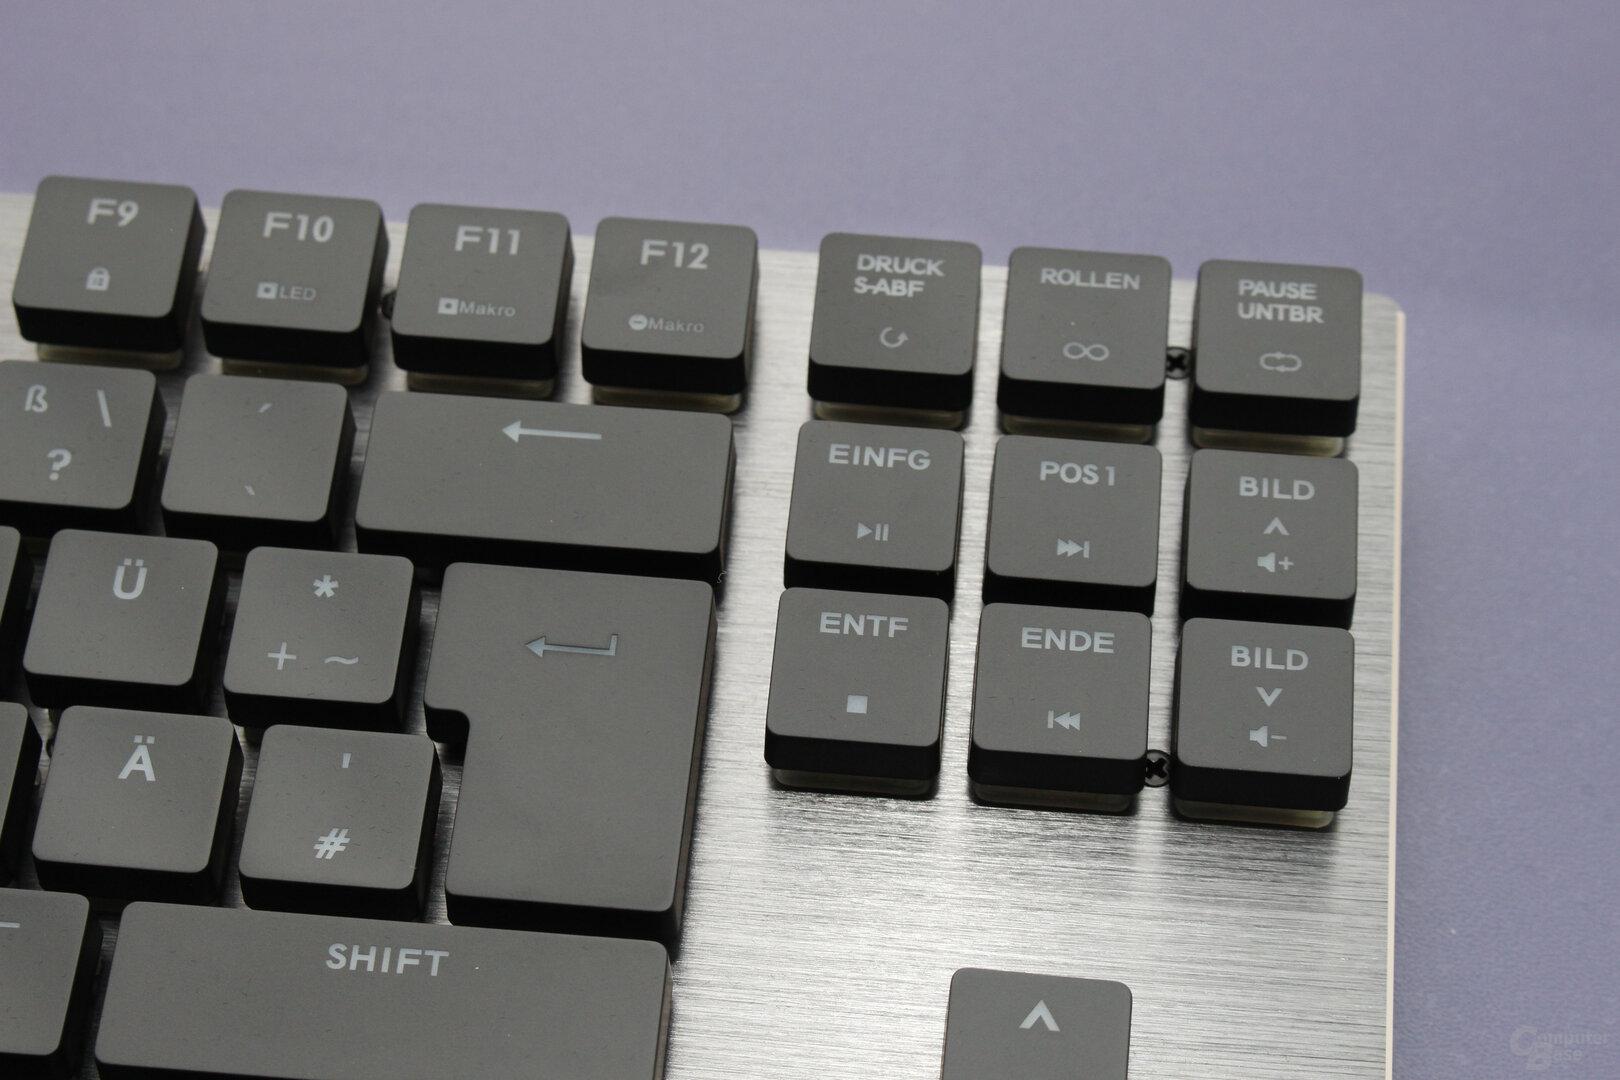 Bekannt: Die Anordnung der Medien-Hotkeys hat sich schon bei anderen Tastaturen bewährt